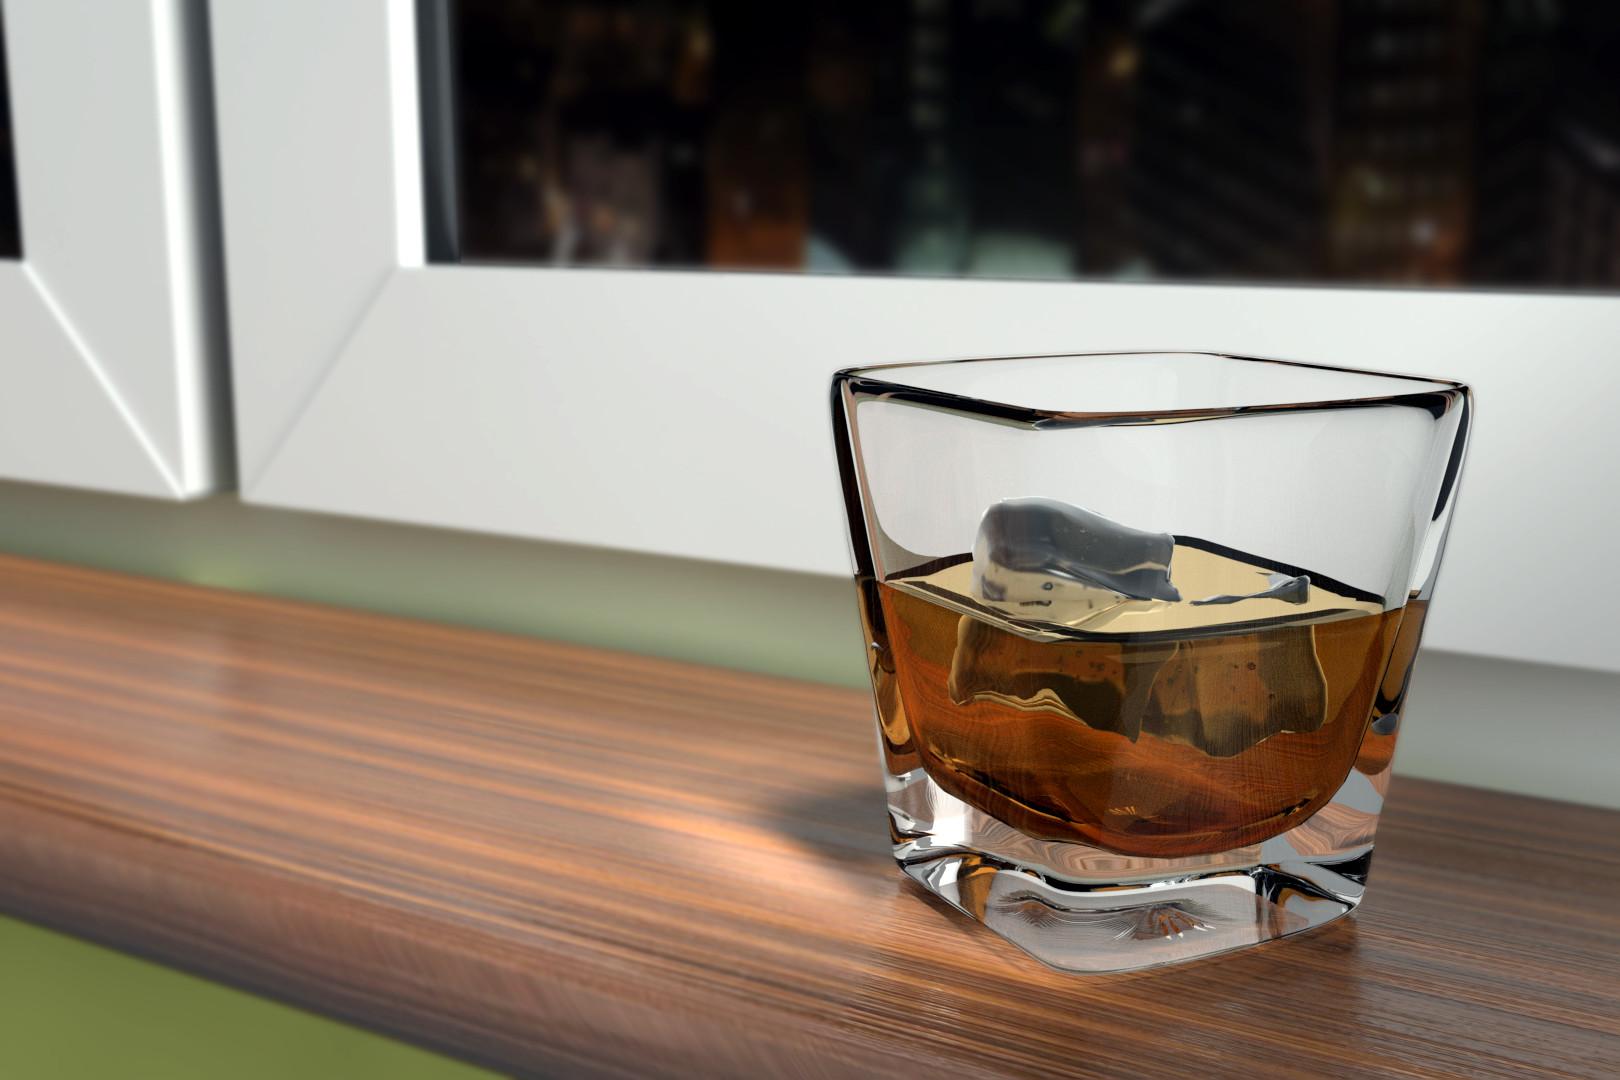 Kasia michalak whiskey 3